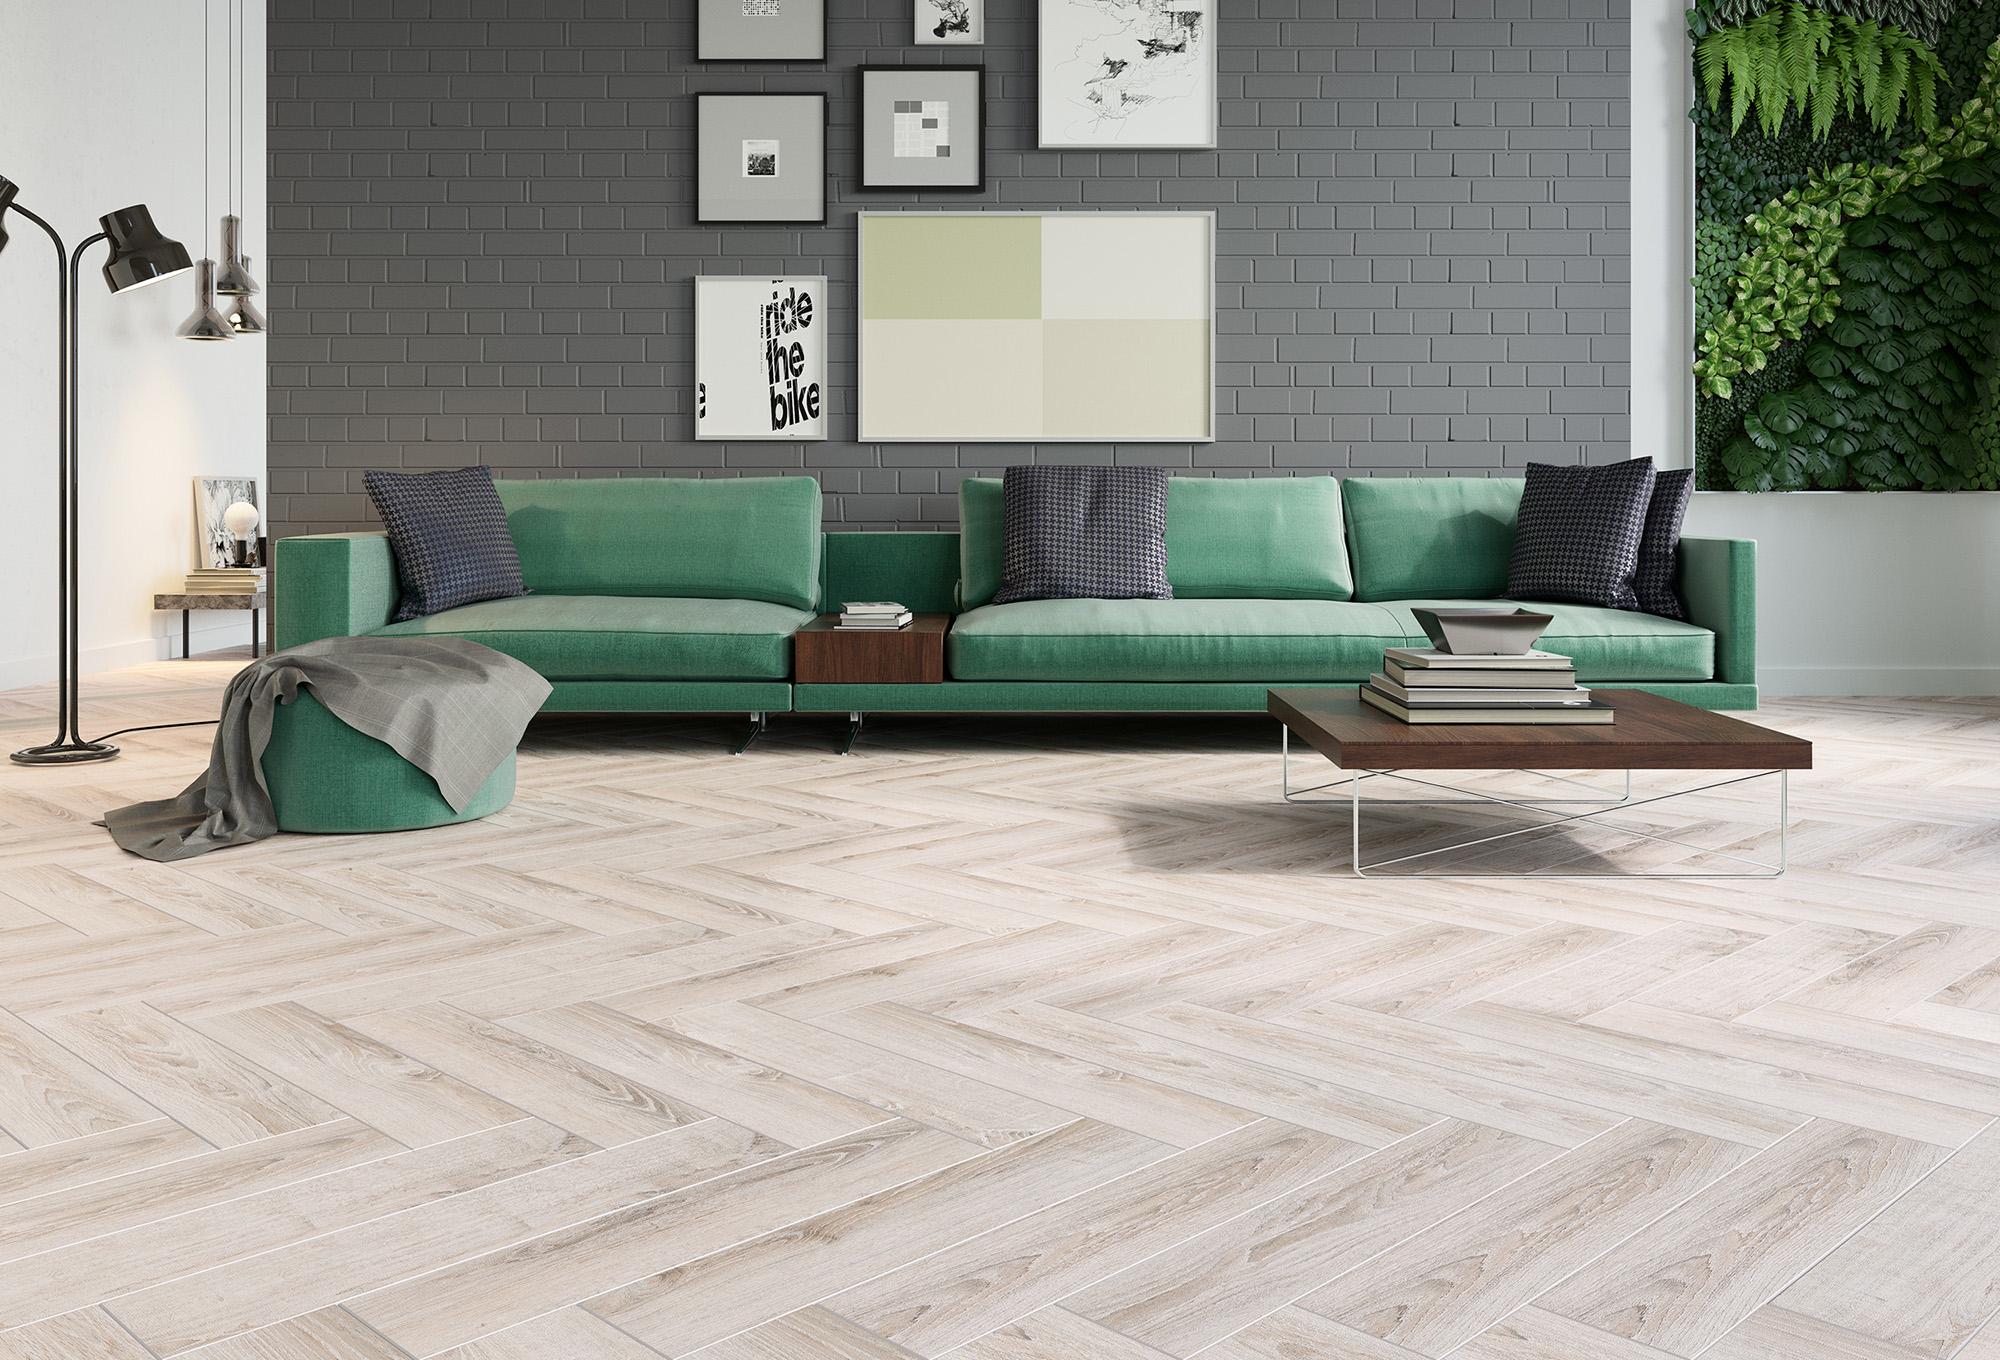 Podłoga ułożona wjodełkę – kreatywne ułożenie paneli podłogowych